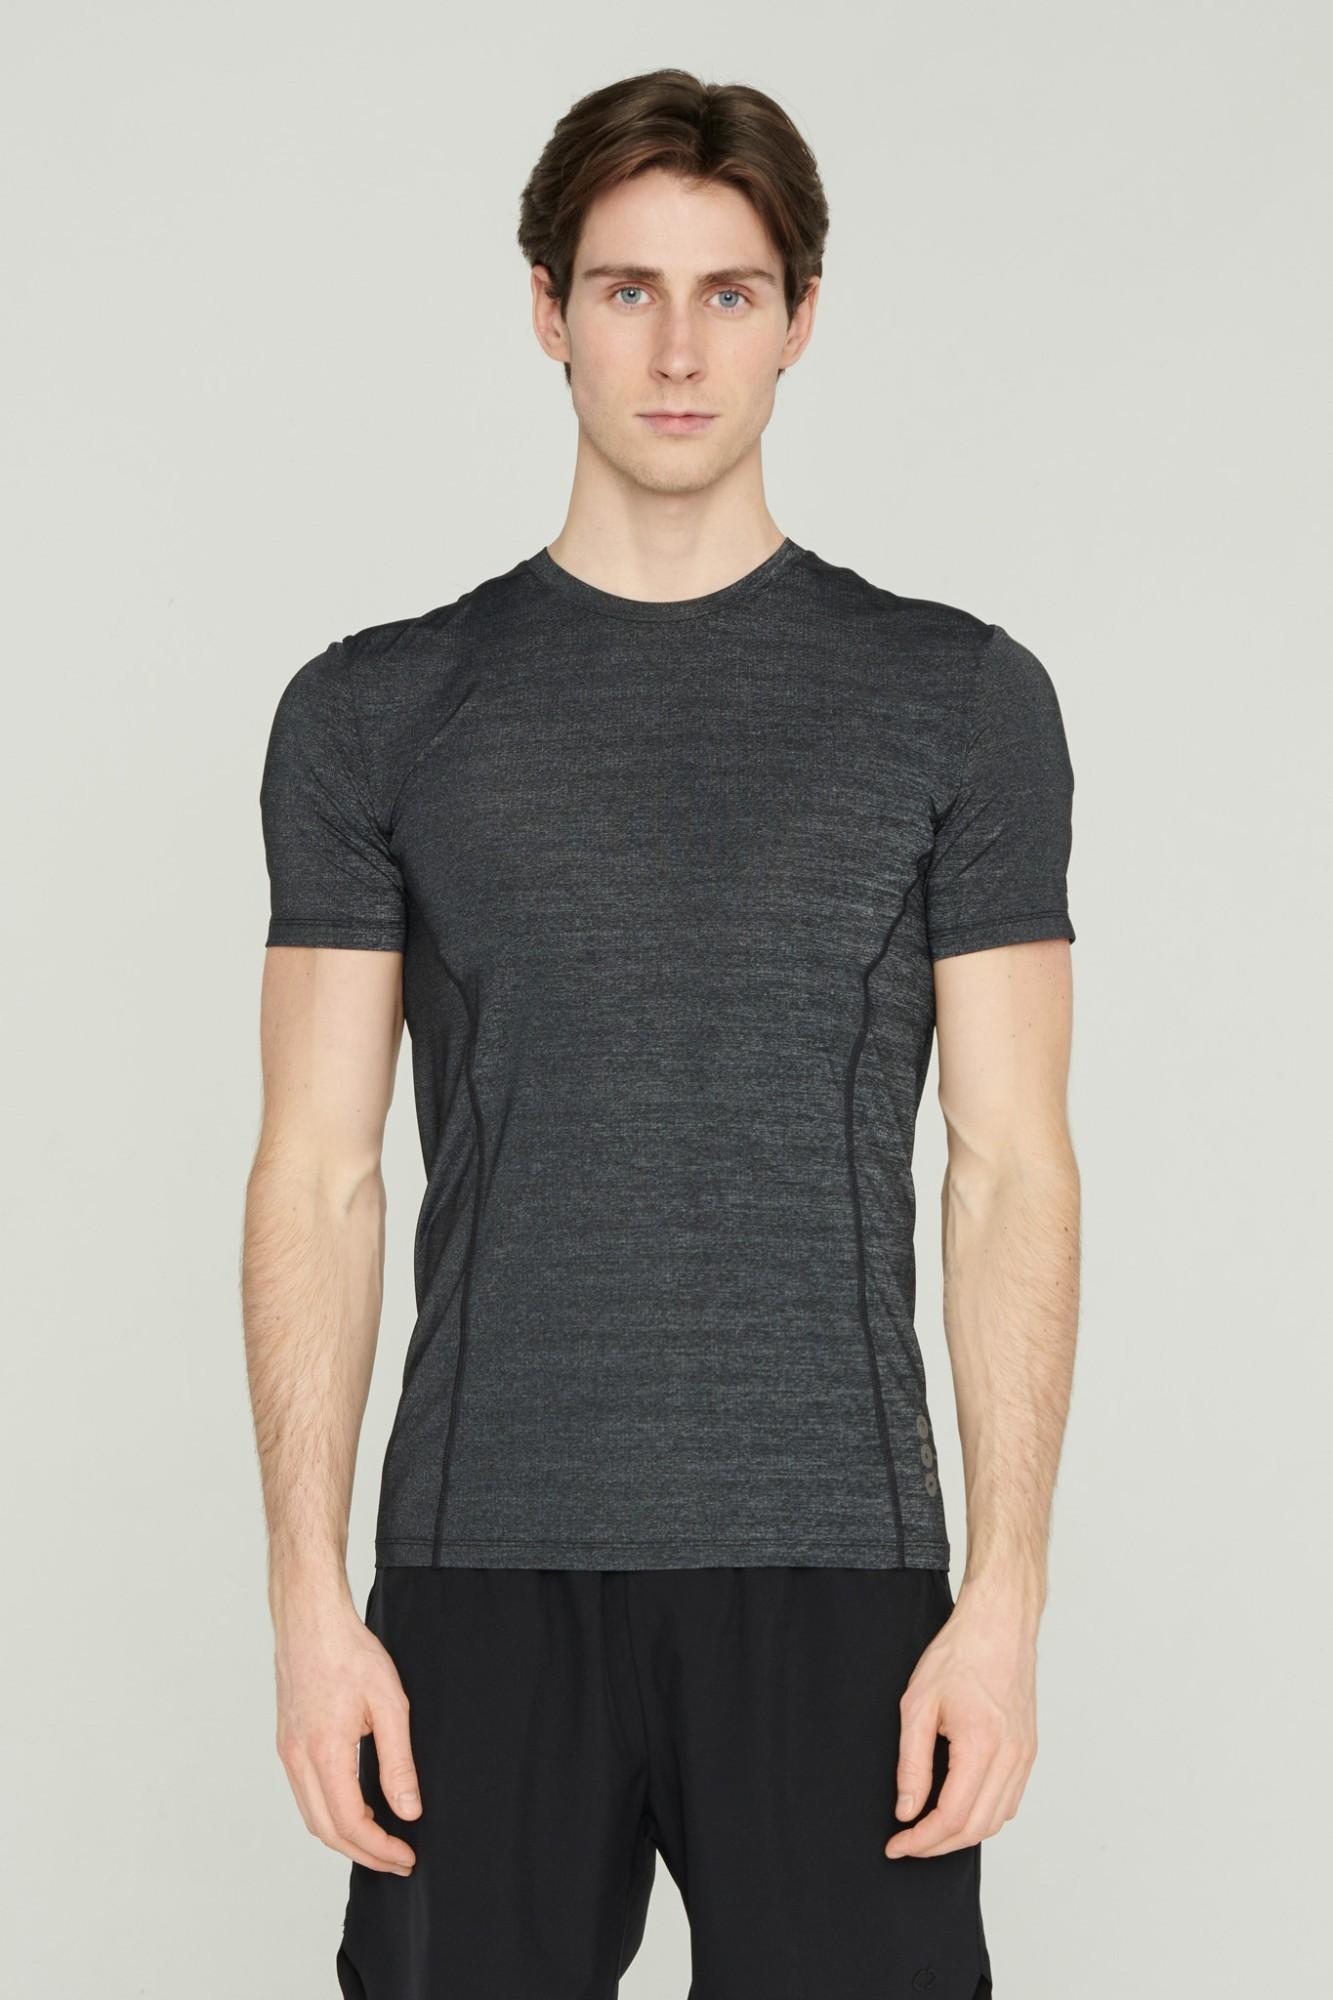 AUDIMAS Kūną vėsinantys marškinėliai 2111-495-1 Raven Melange L